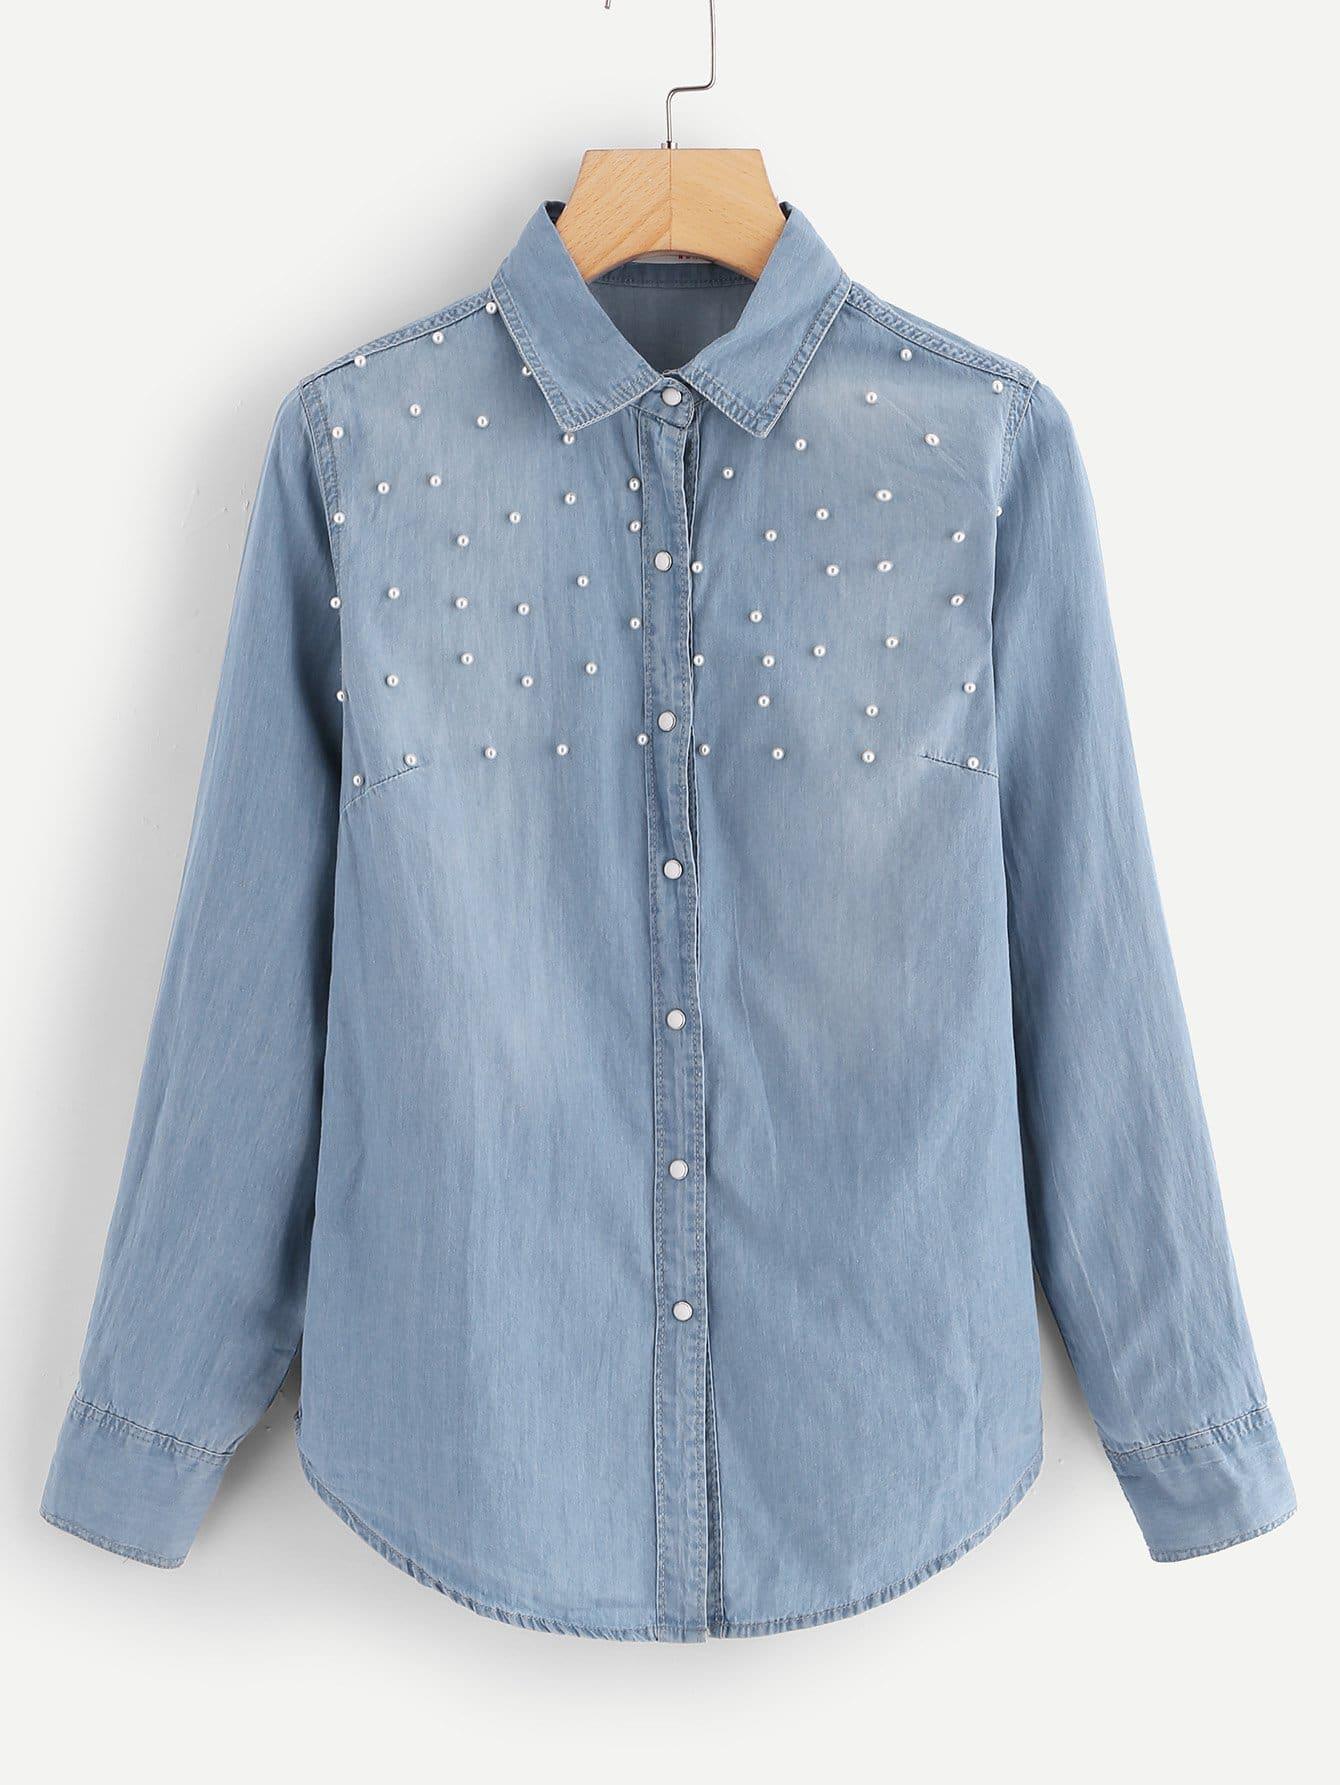 Купить Джинсовая футболка с украшением искусственных жемчугов, null, SheIn